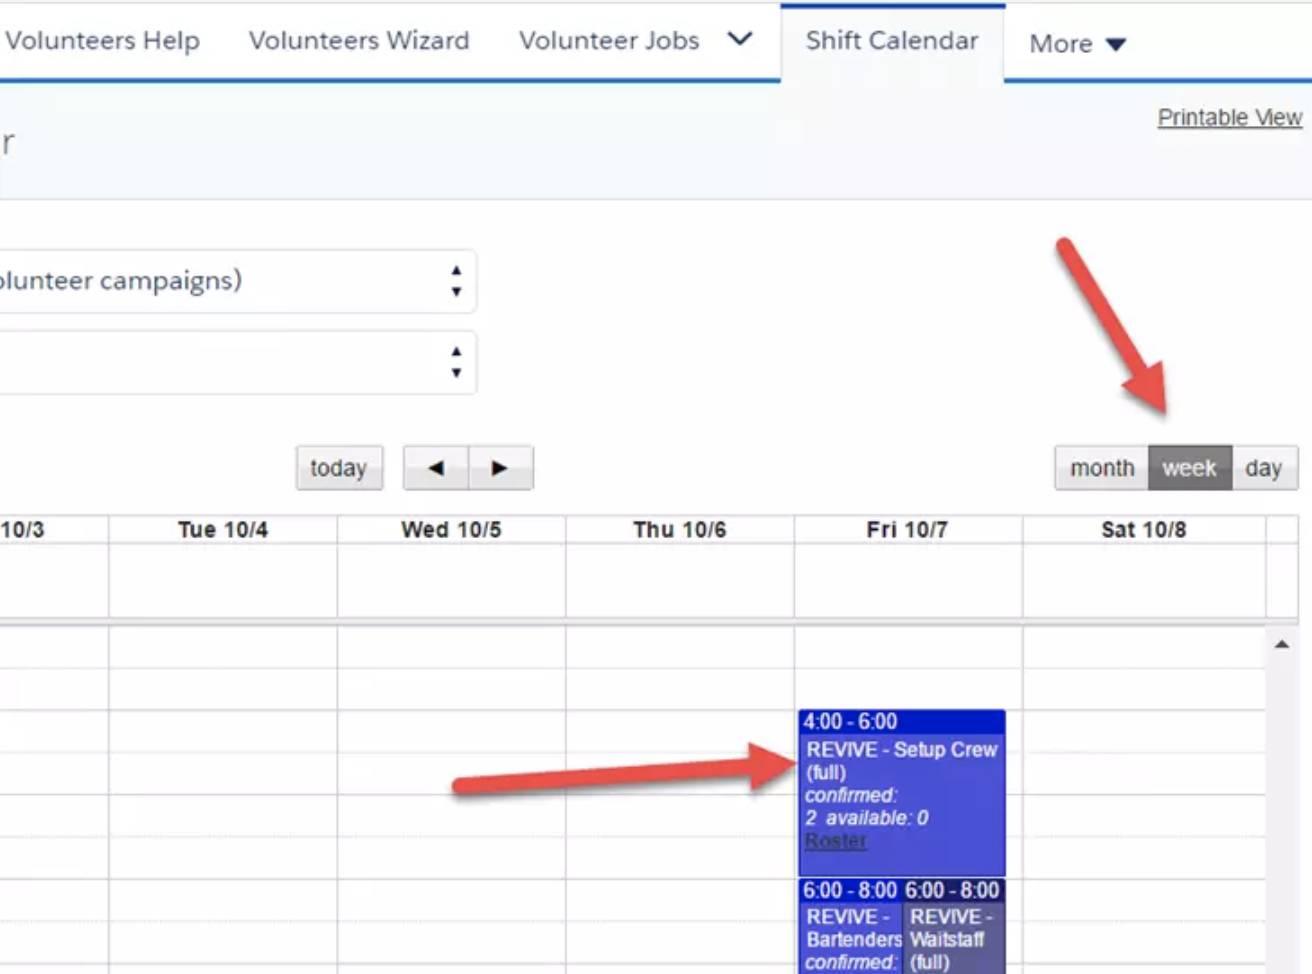 Captura de tela do calendário de turnos.